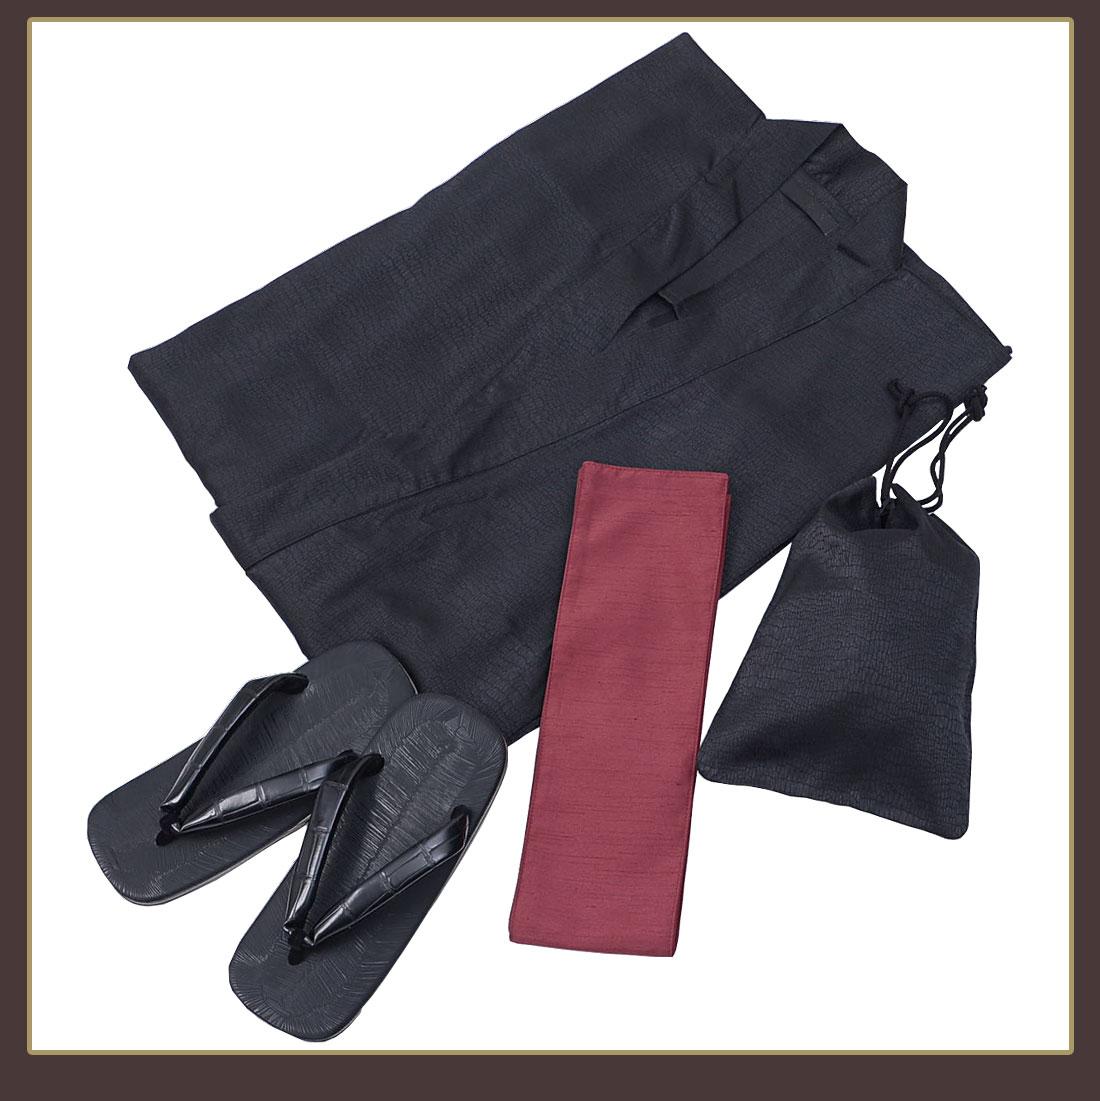 """從屬于""""FUGAPoetry國產浴衣4分安排(浴衣、帶、信玄袋、雪駄)/全三原色""""視覺派的視覺派的V派男性時裝甚平反物下駄祭ri安排浴衣帶的方式系統"""